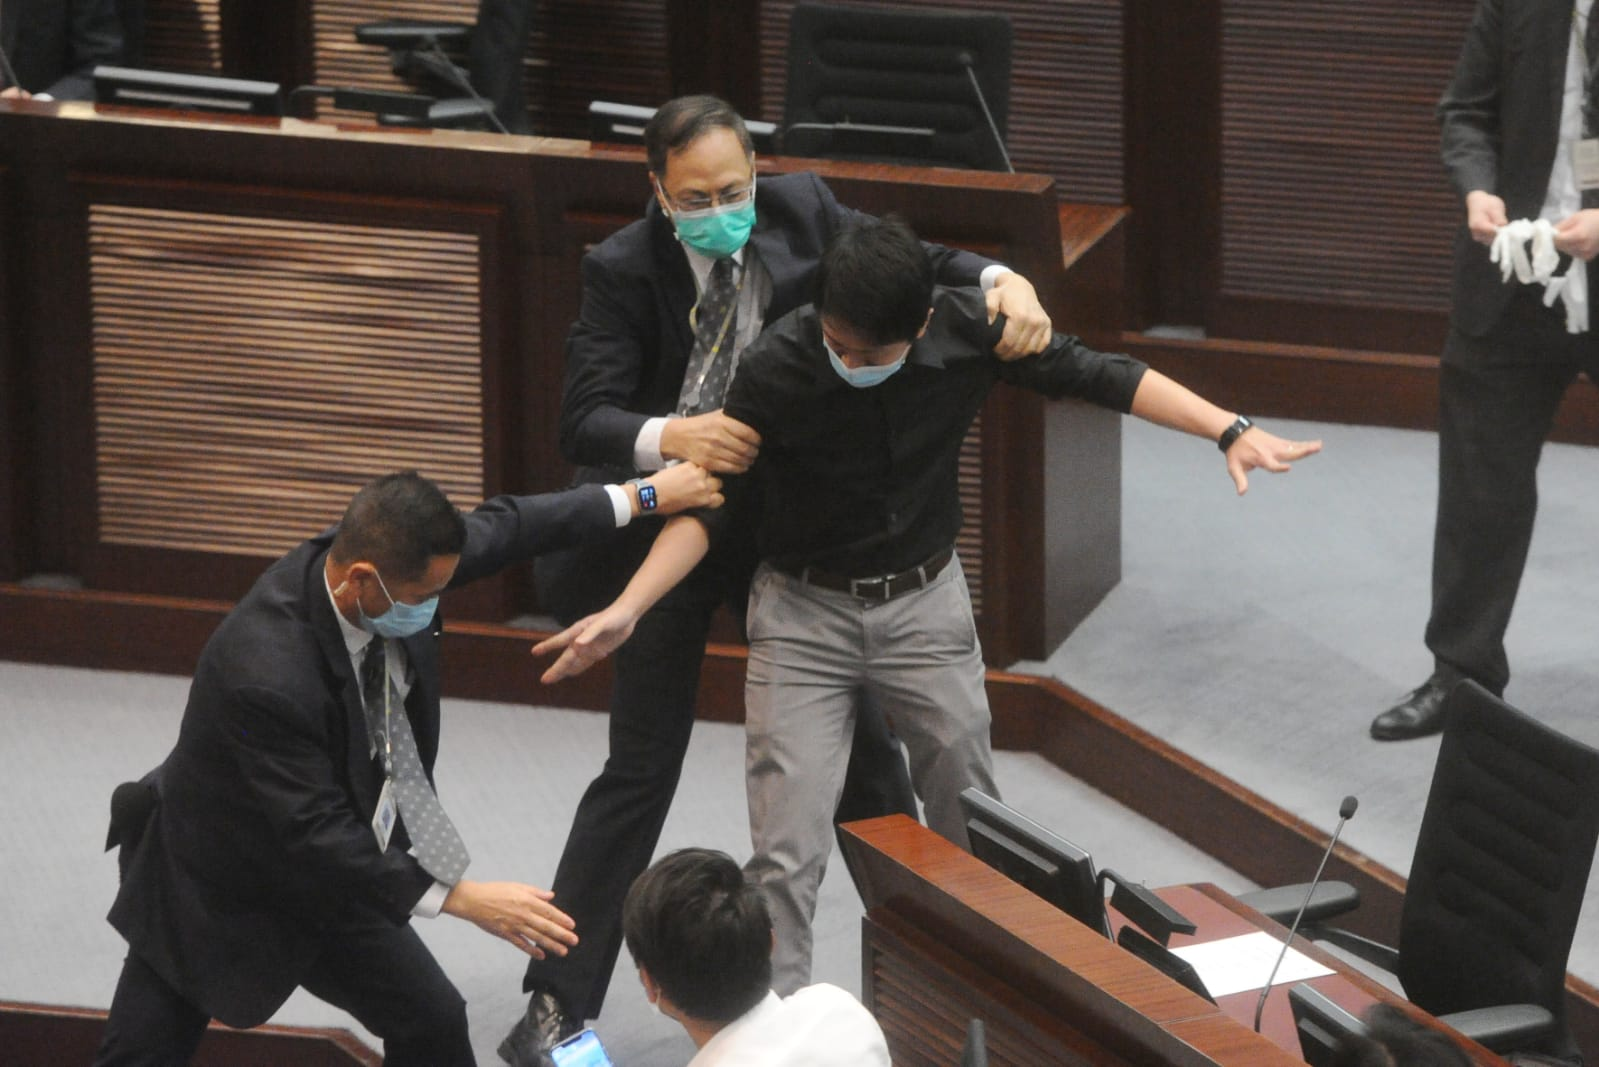 民主黨許智峯亦步出座位進行抗議,但被在場保安攔阻。期間,許智峯手中膠樽 跌落在地,會議室內充斥一陣臭味。(宋碧龍/大紀元)